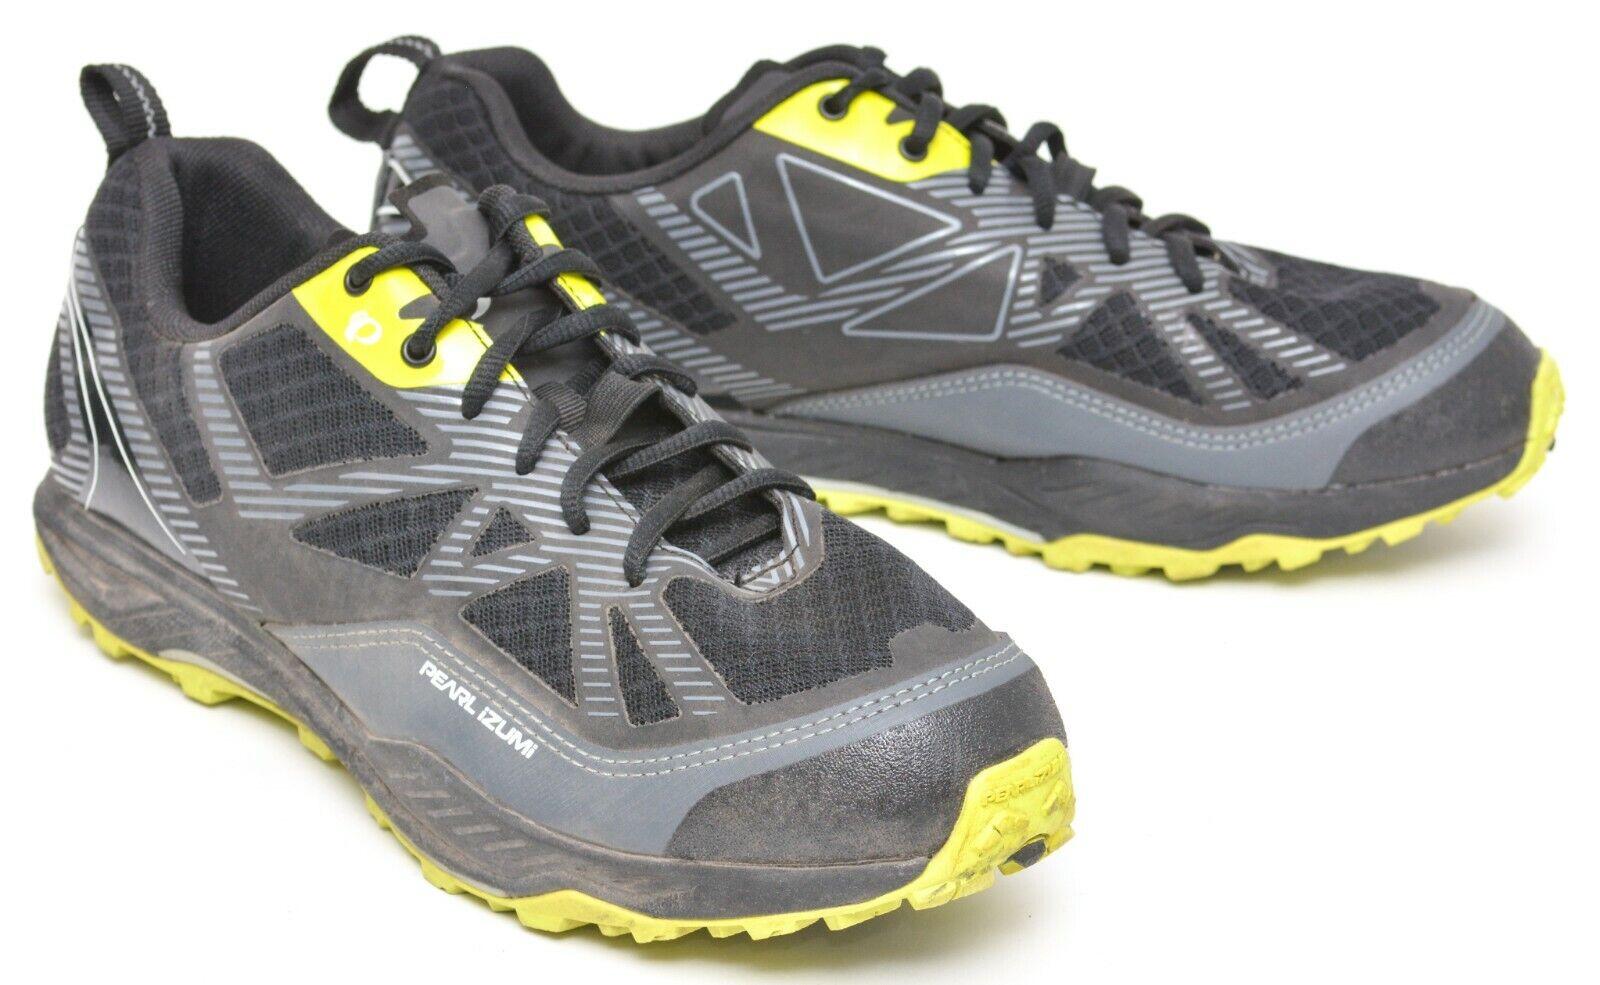 Pearl Izumi X-Alp Seek VII Mountain Bike shoes US  13.5 2-Bolt SPD MTB  offering 100%